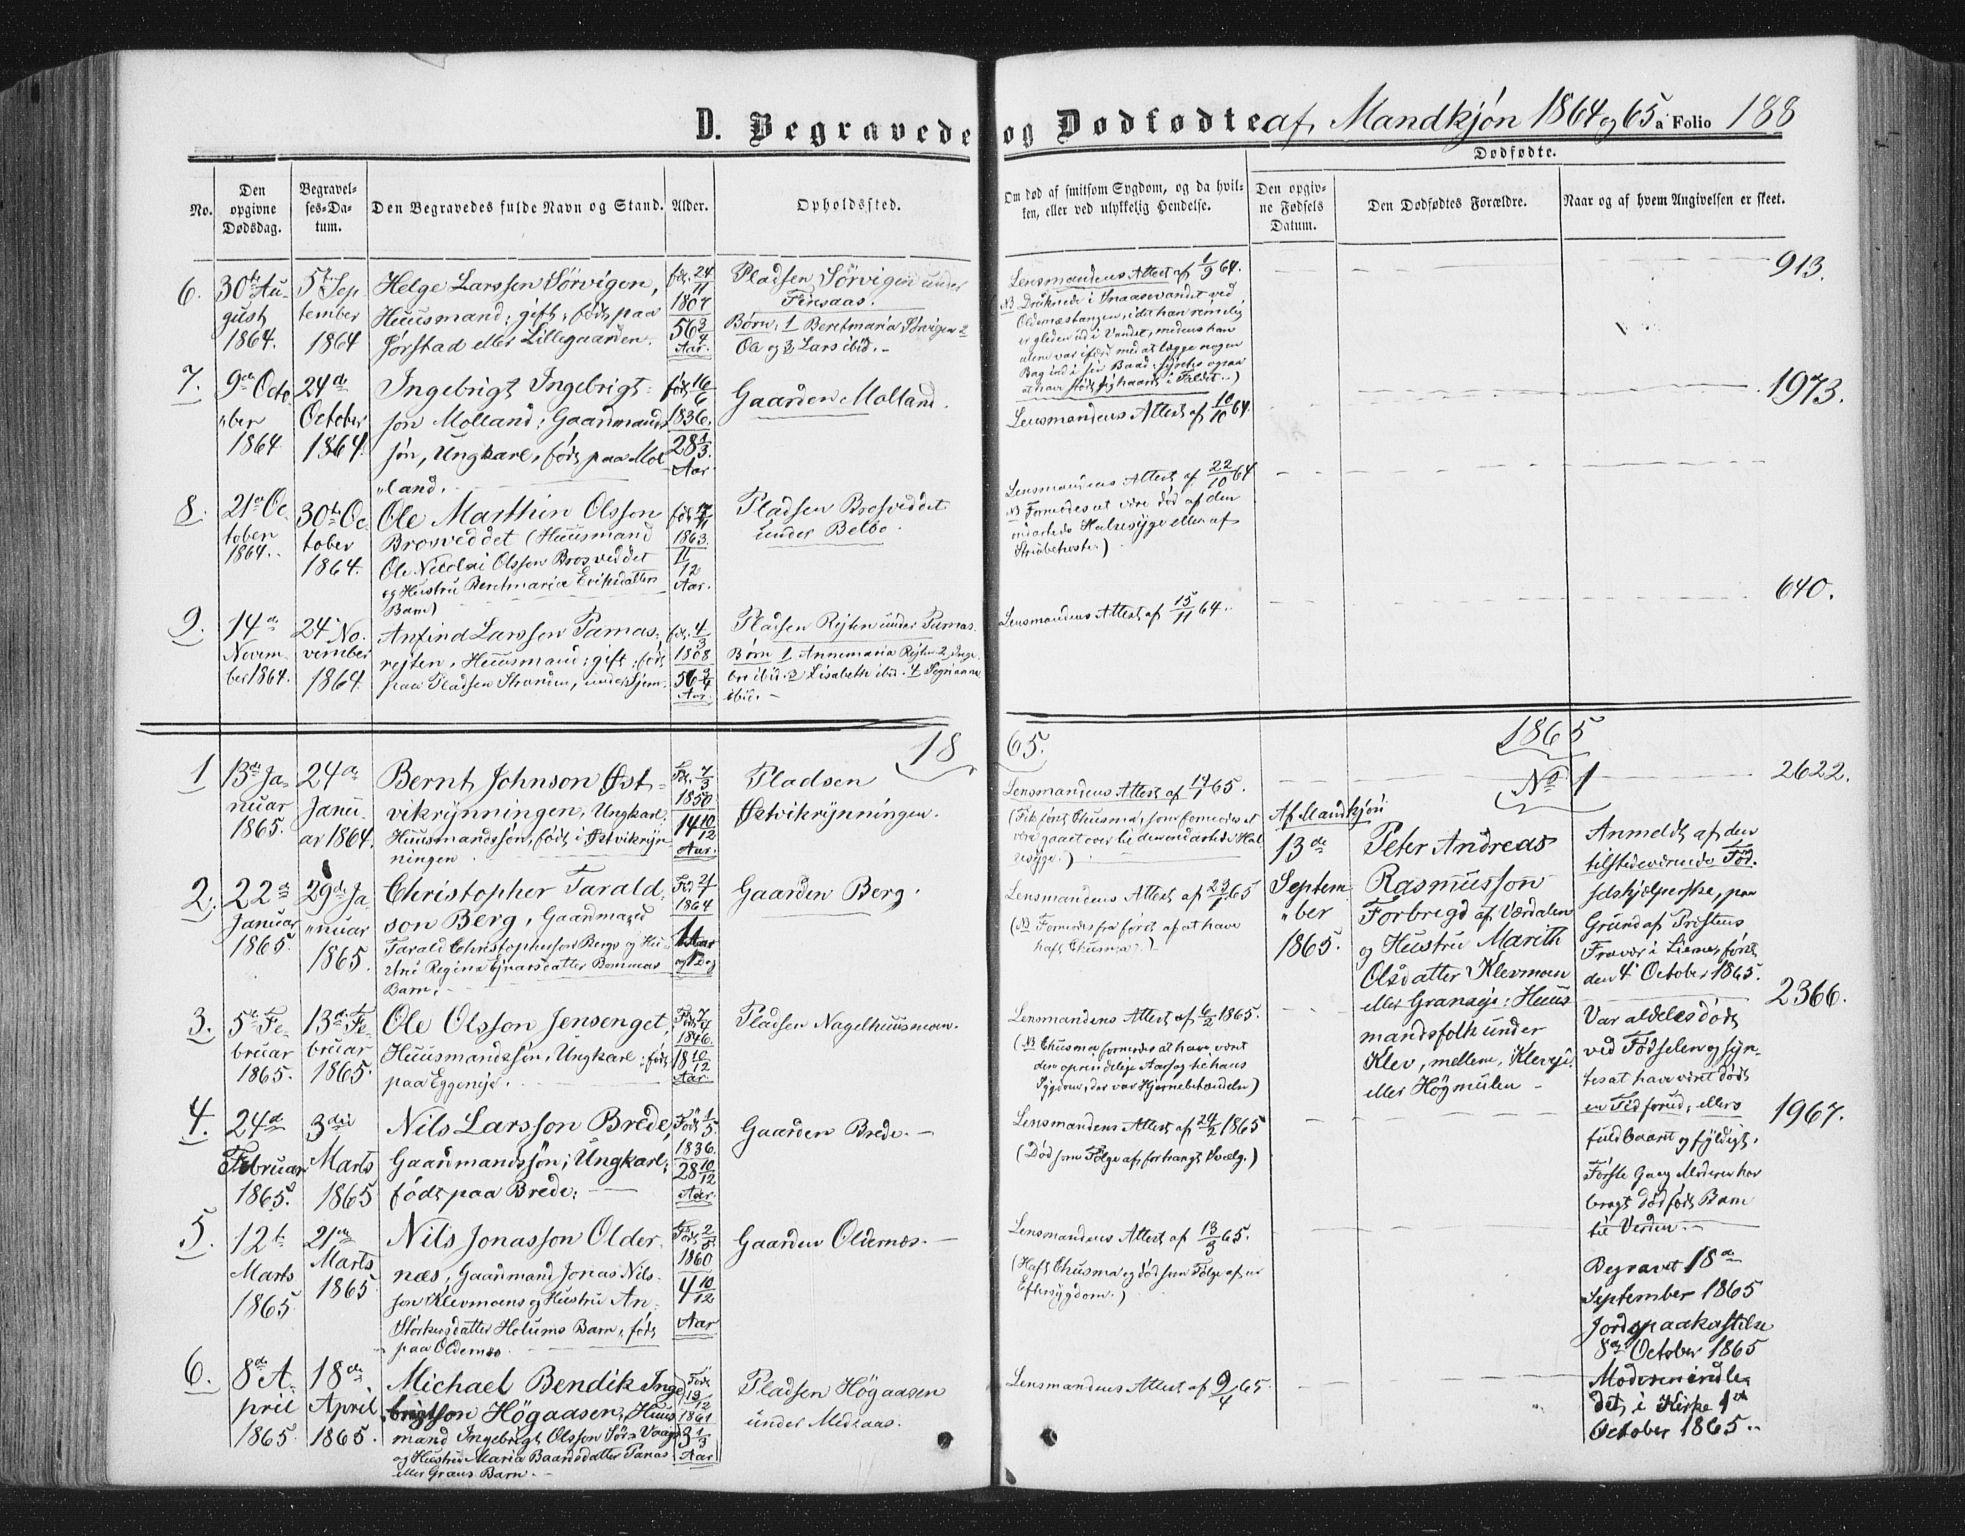 SAT, Ministerialprotokoller, klokkerbøker og fødselsregistre - Nord-Trøndelag, 749/L0472: Ministerialbok nr. 749A06, 1857-1873, s. 188